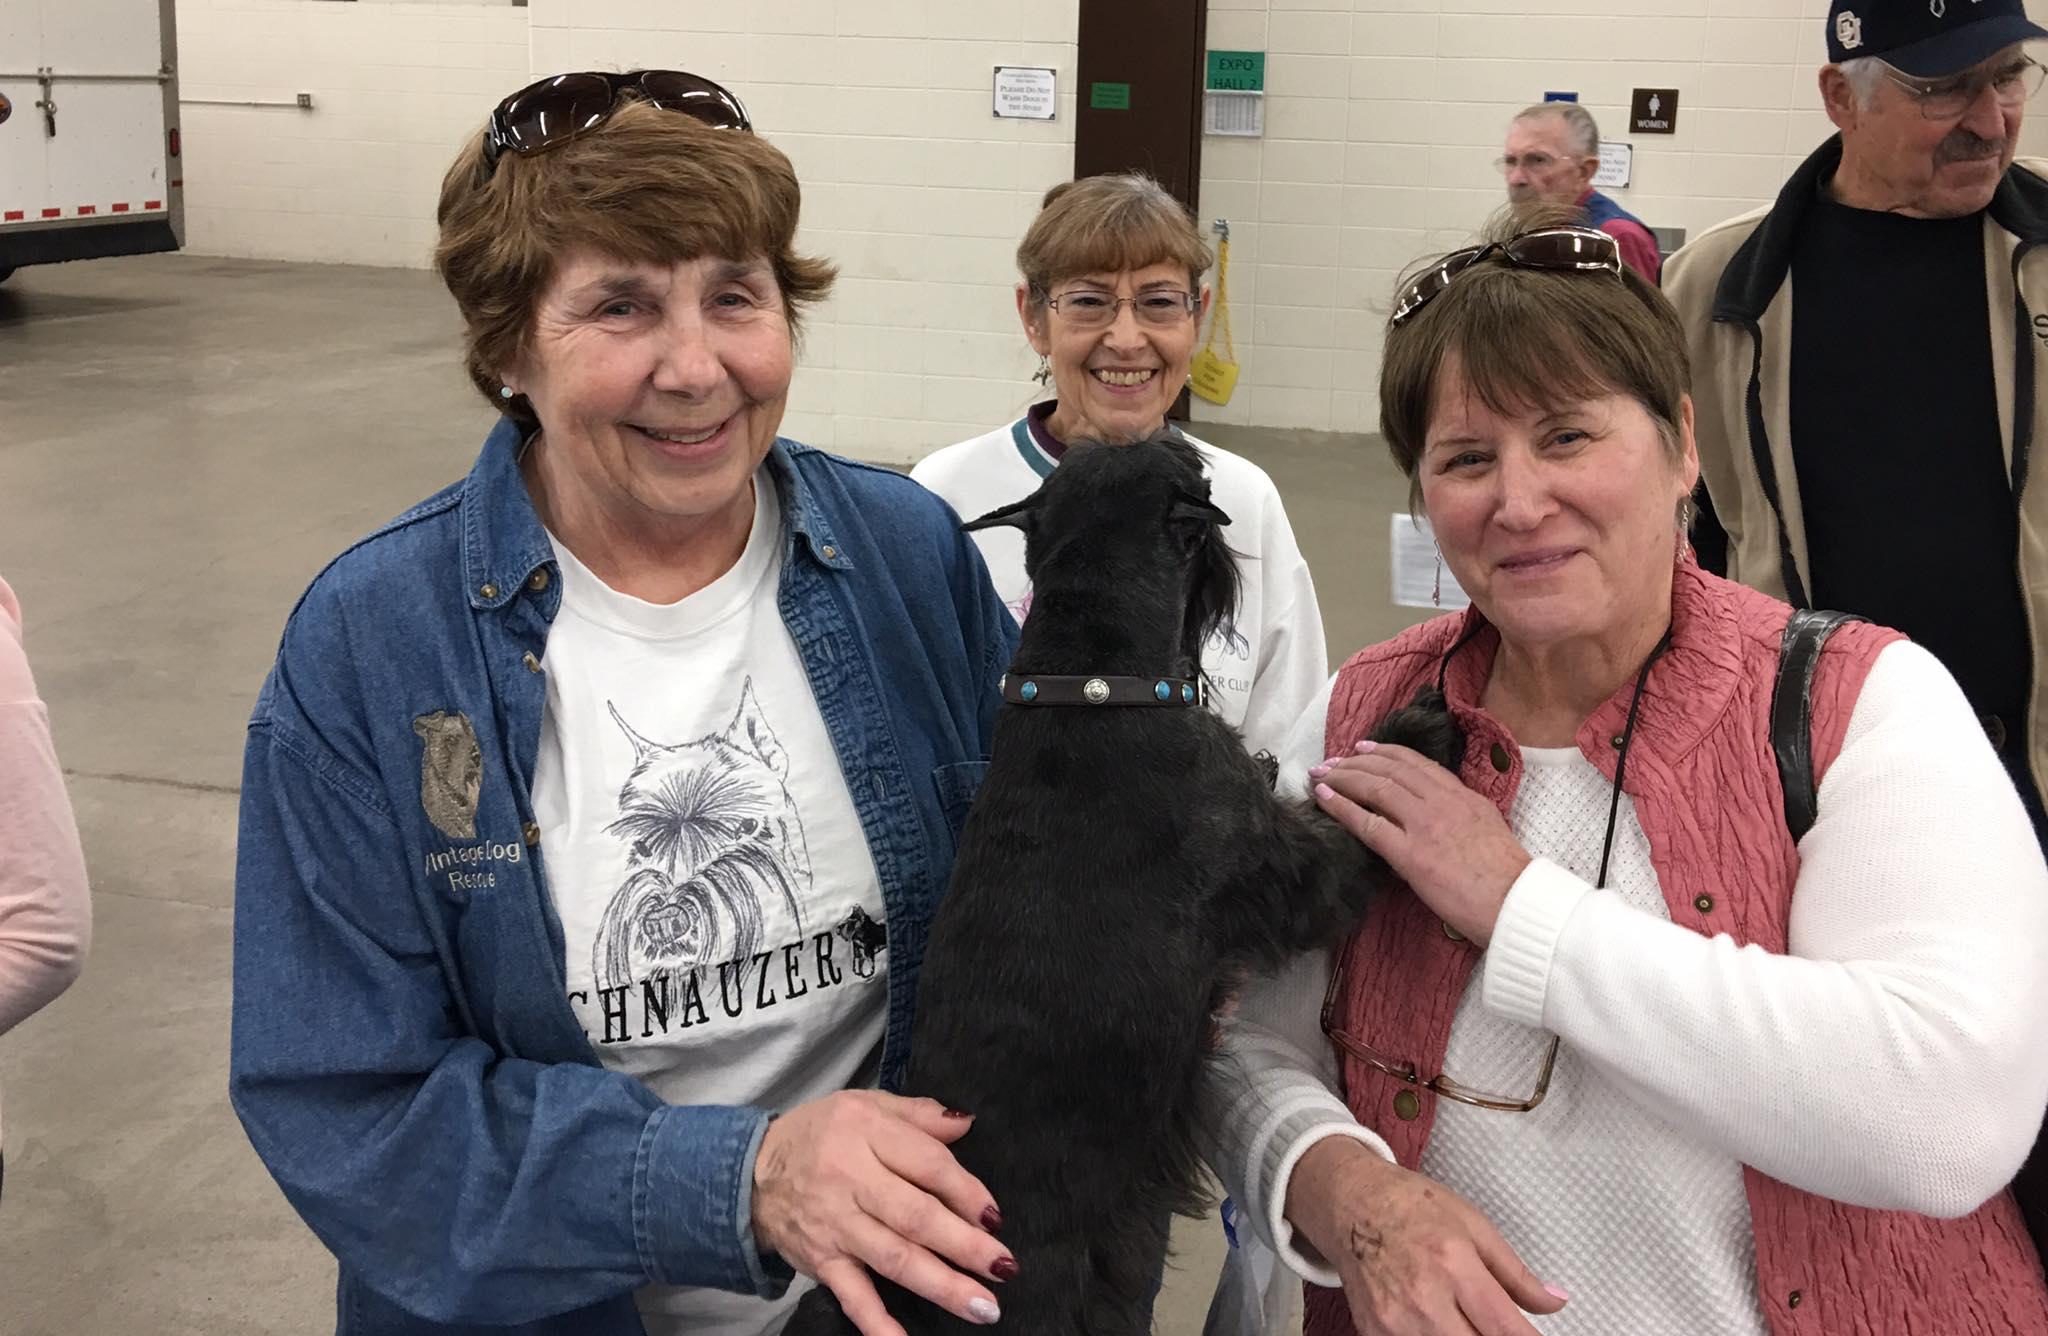 Vintage Dog Rescue at the Denver Dog Show 2017